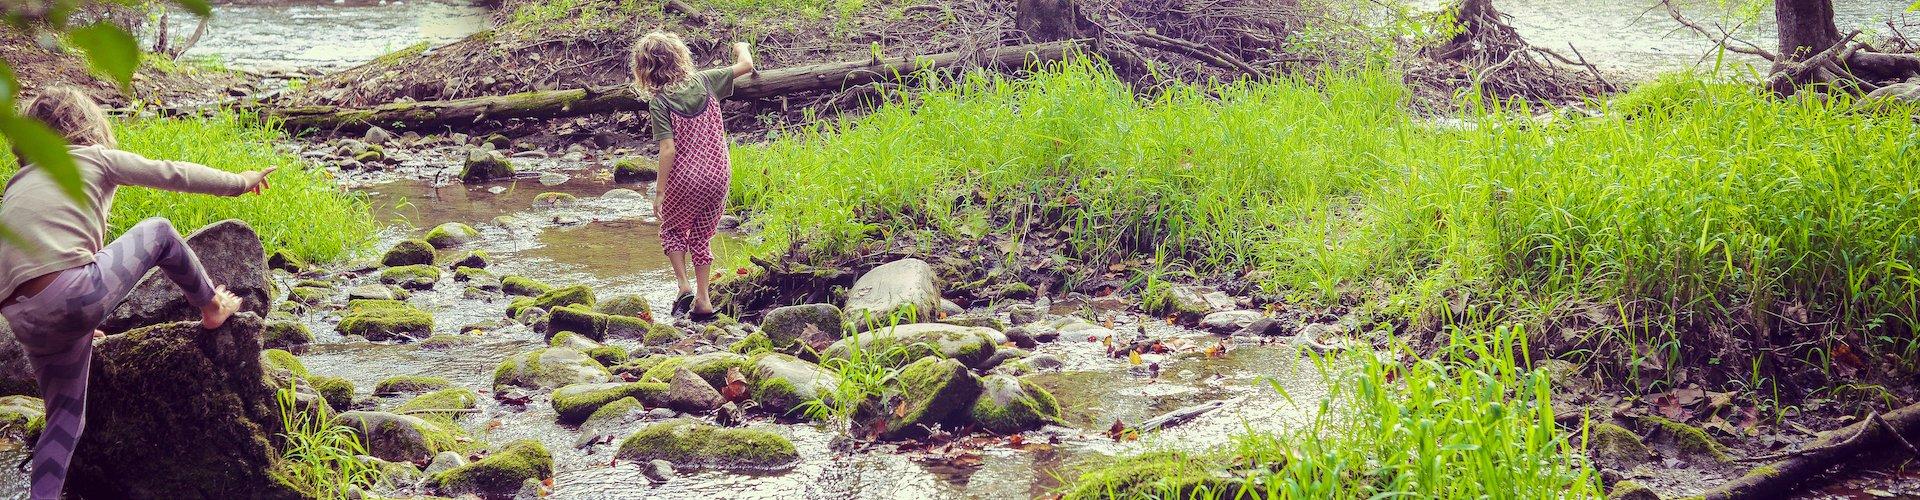 Ausflugsziel Wildnis Camp am Falkenstein